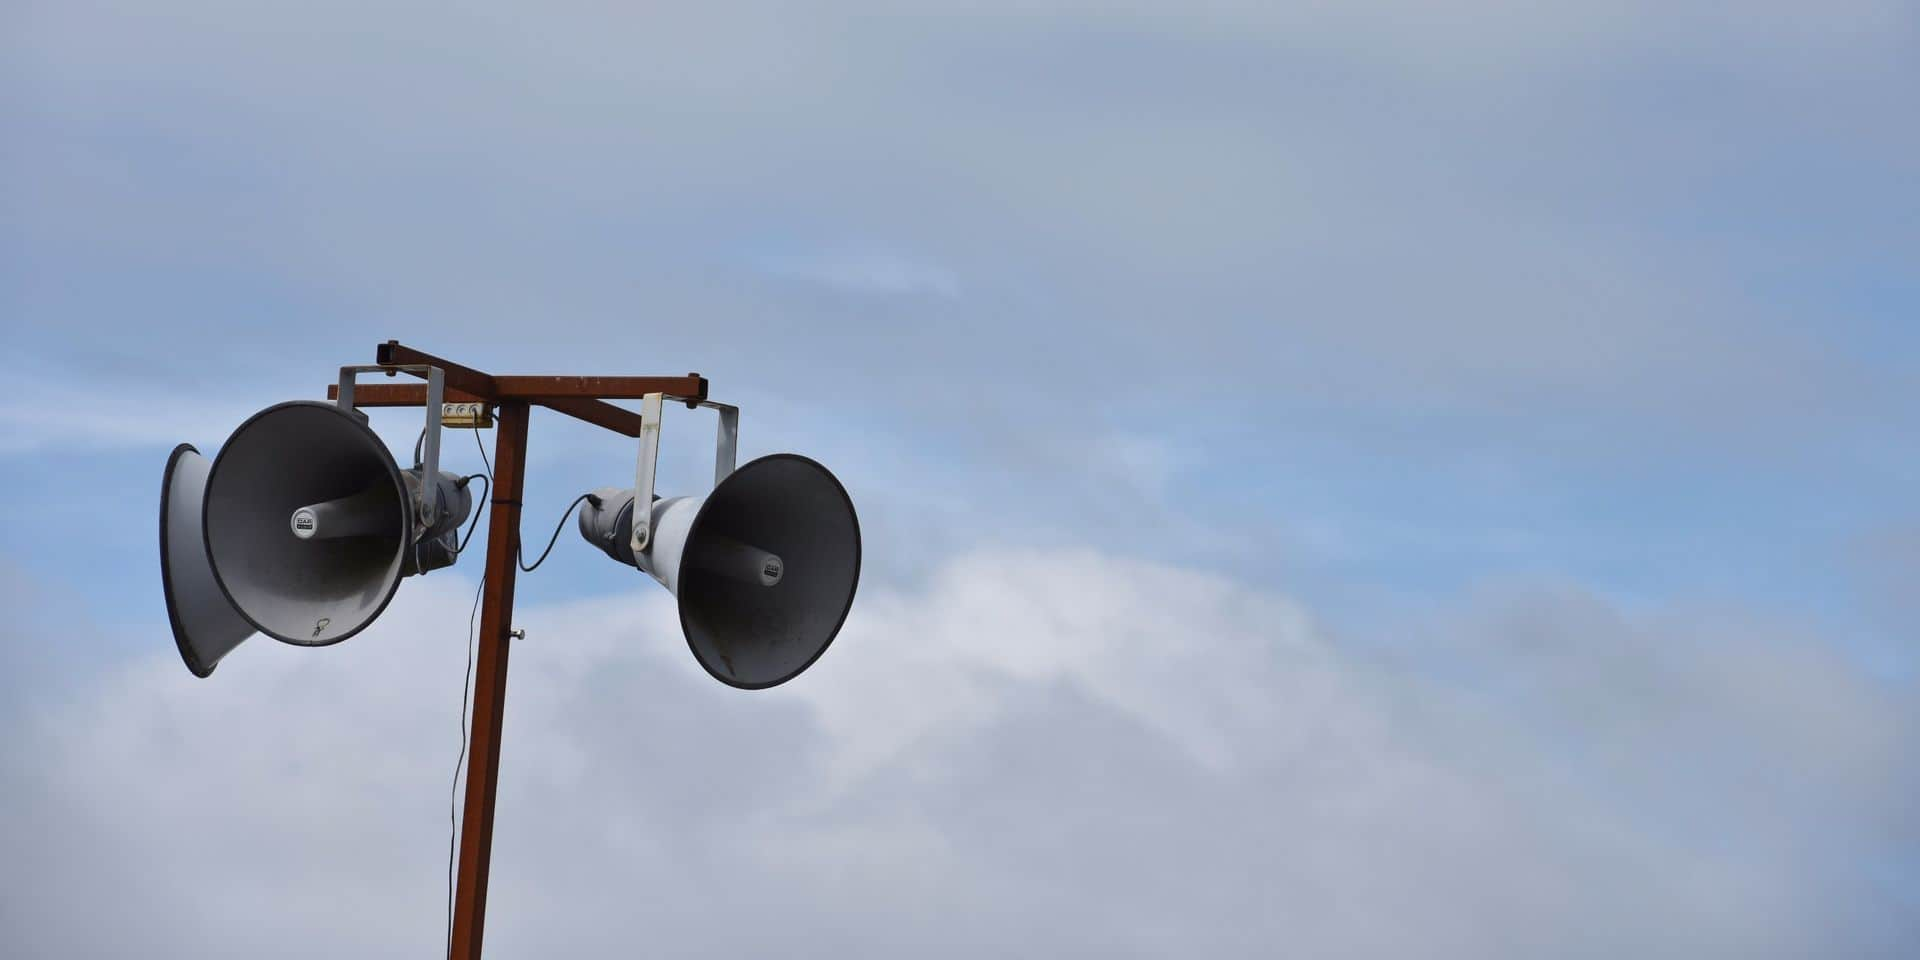 Seneffe : les sirènes Seveso démontées, la population s'inquiète pour les personnes âgées